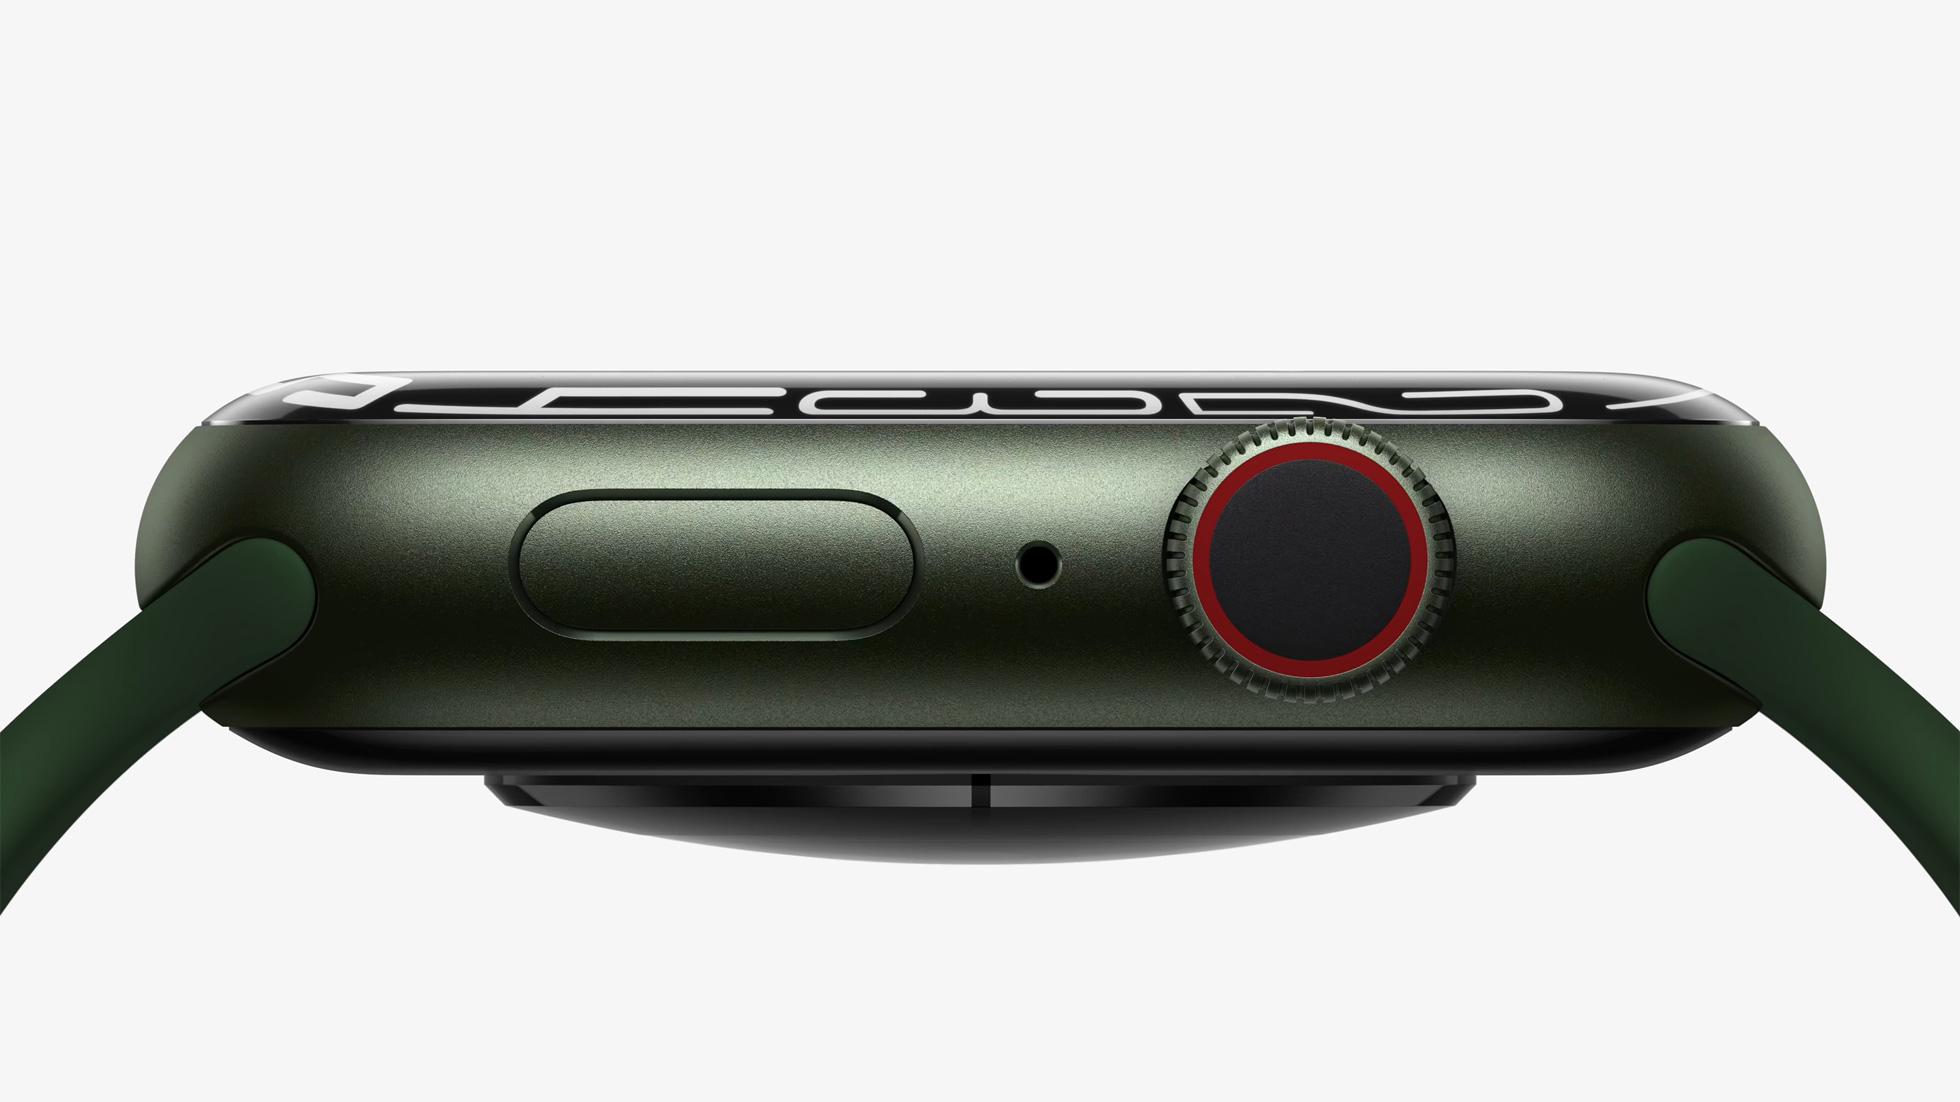 Image marketing d'Apple montrant une vue de profil de l'Apple Watch Series 7